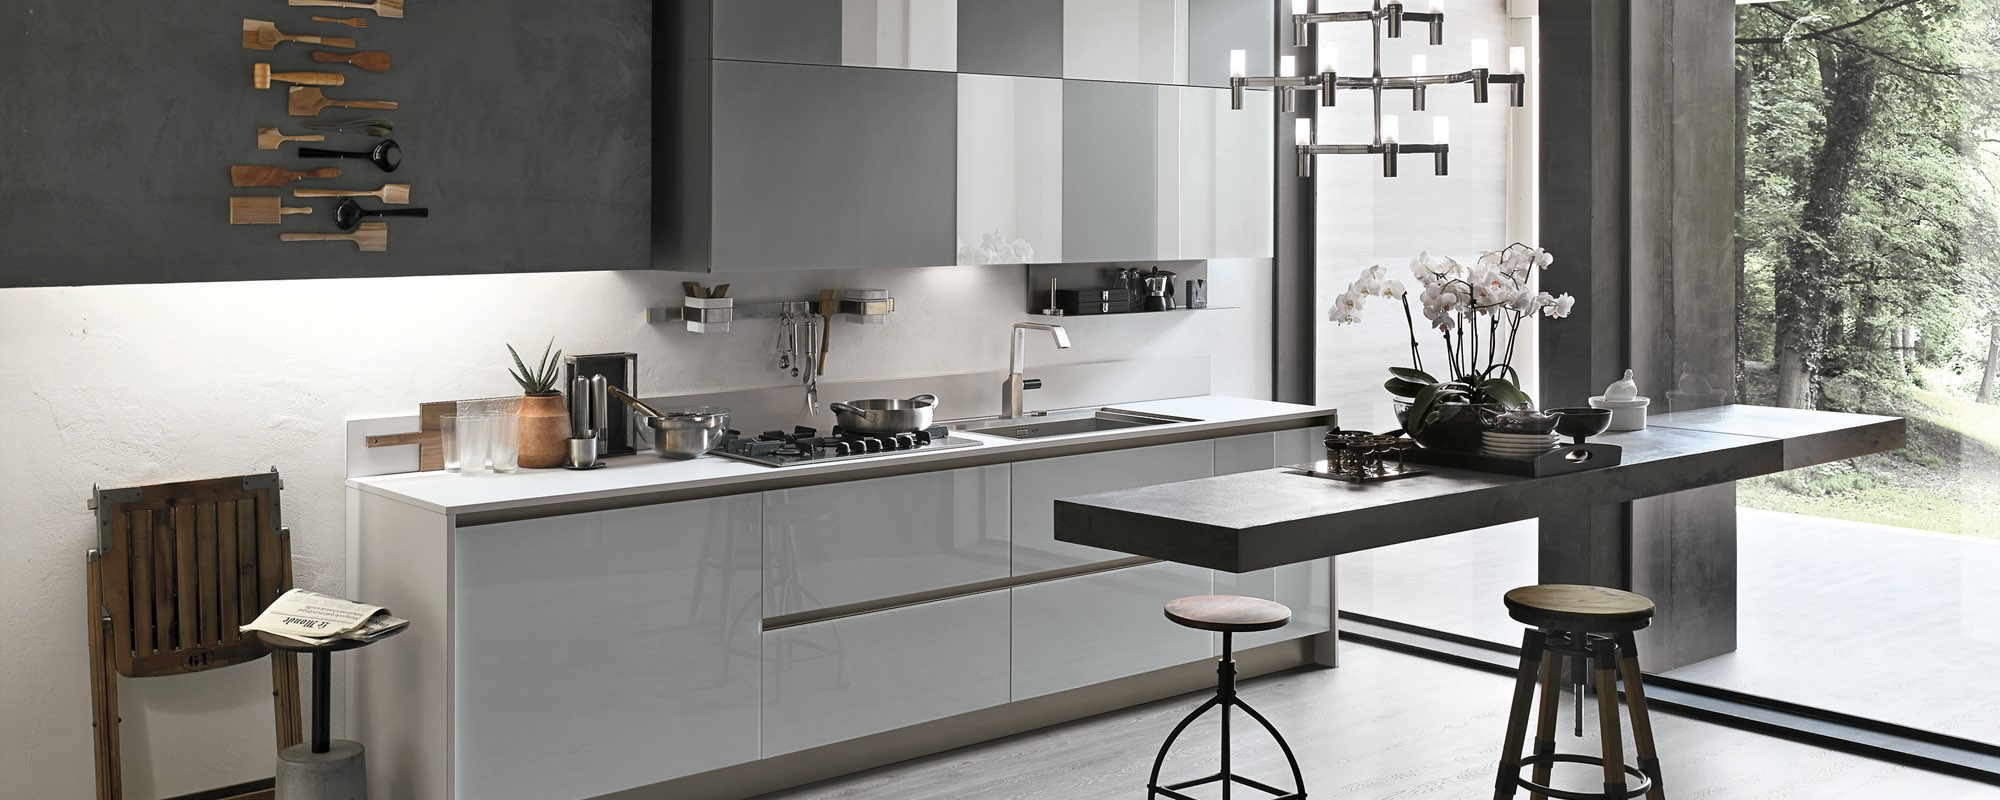 particolare di un bancone bianco lucido di una cucina